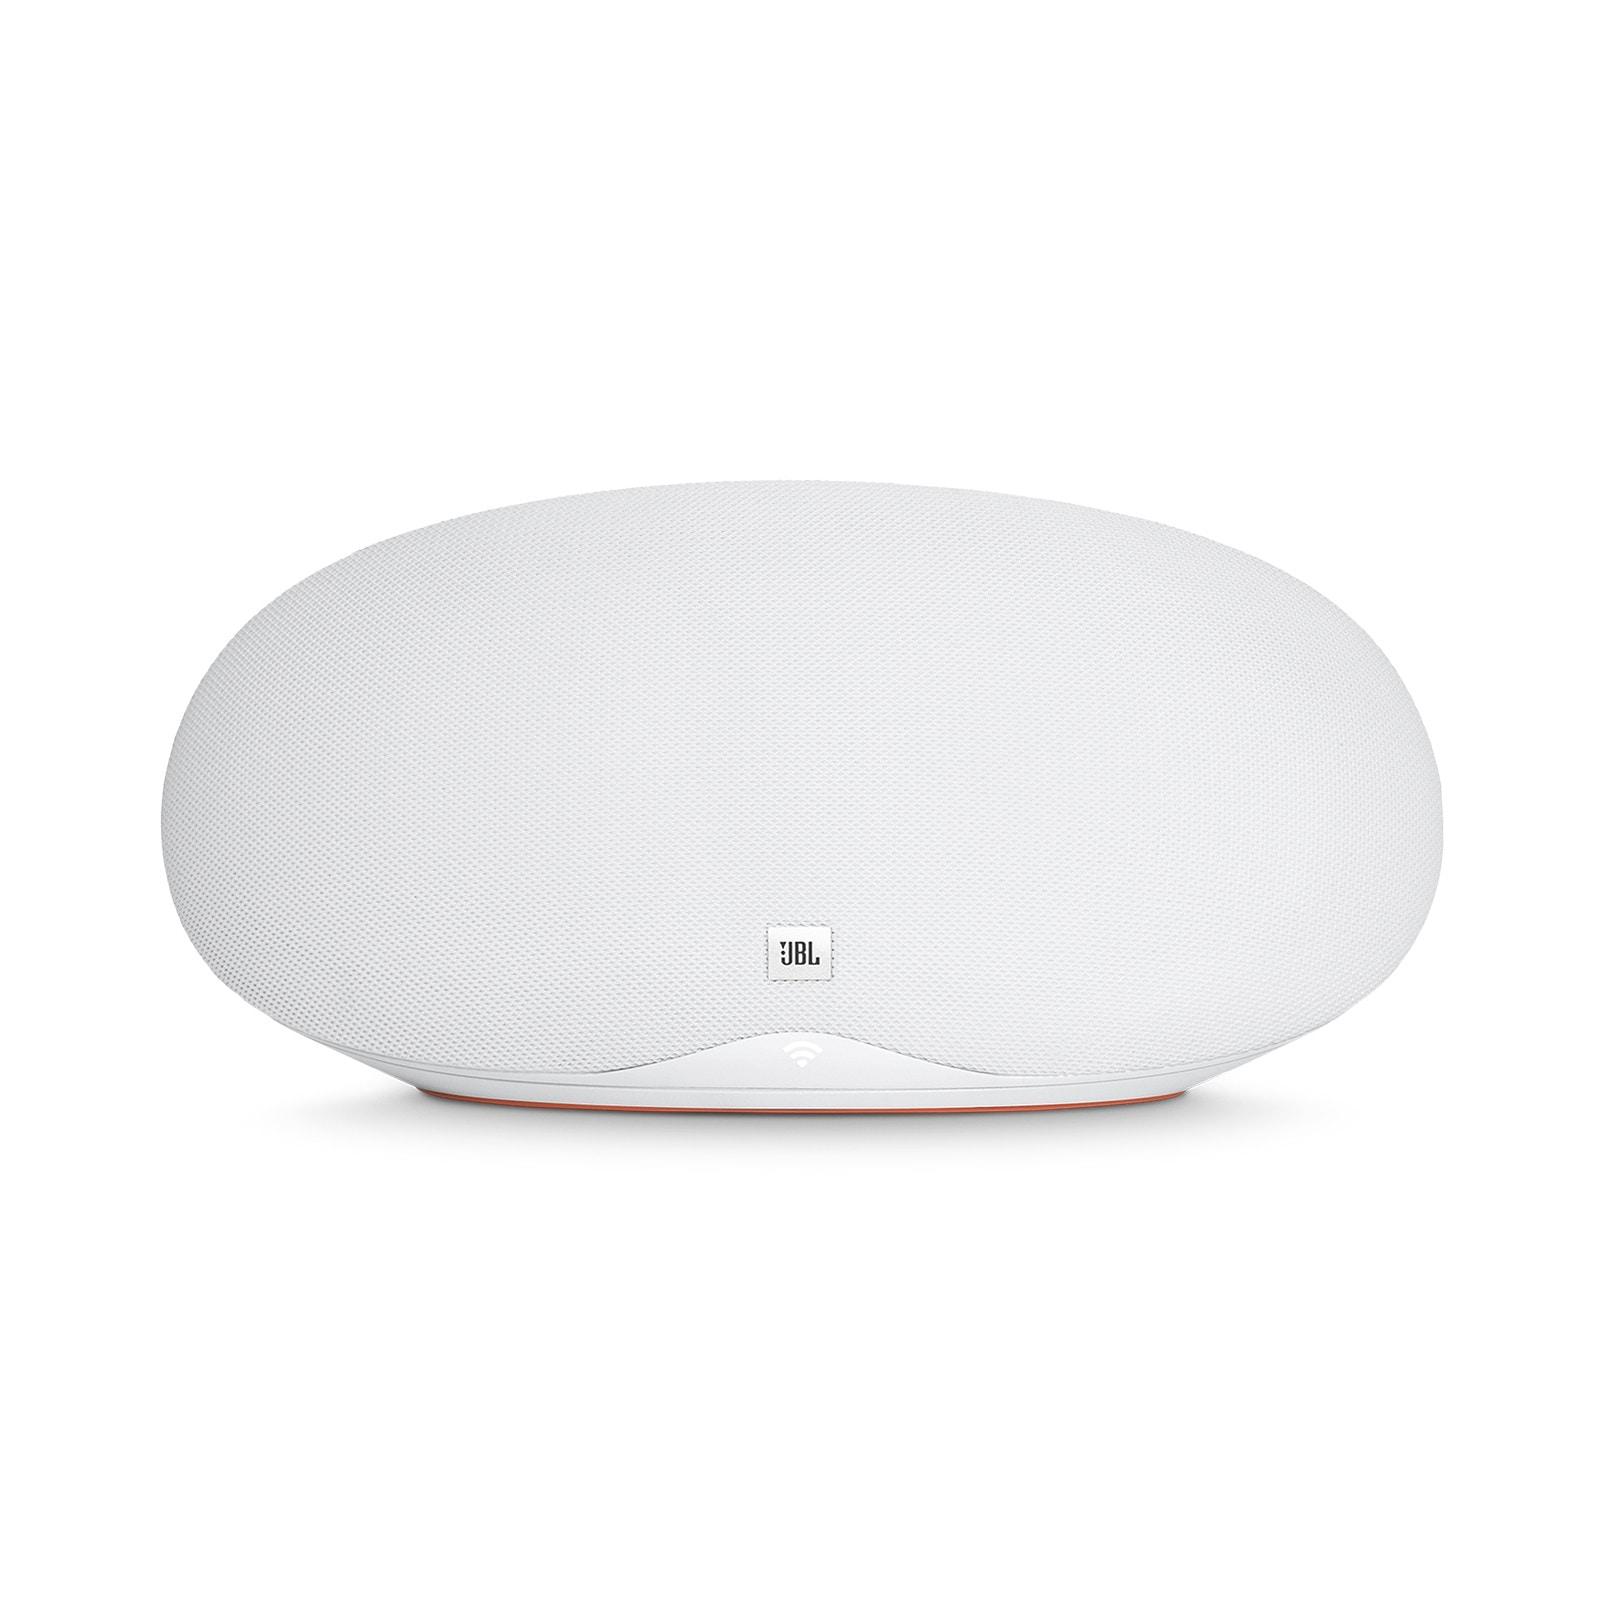 JBL Playlist - Wi-Fi Spekaer with Chromecast